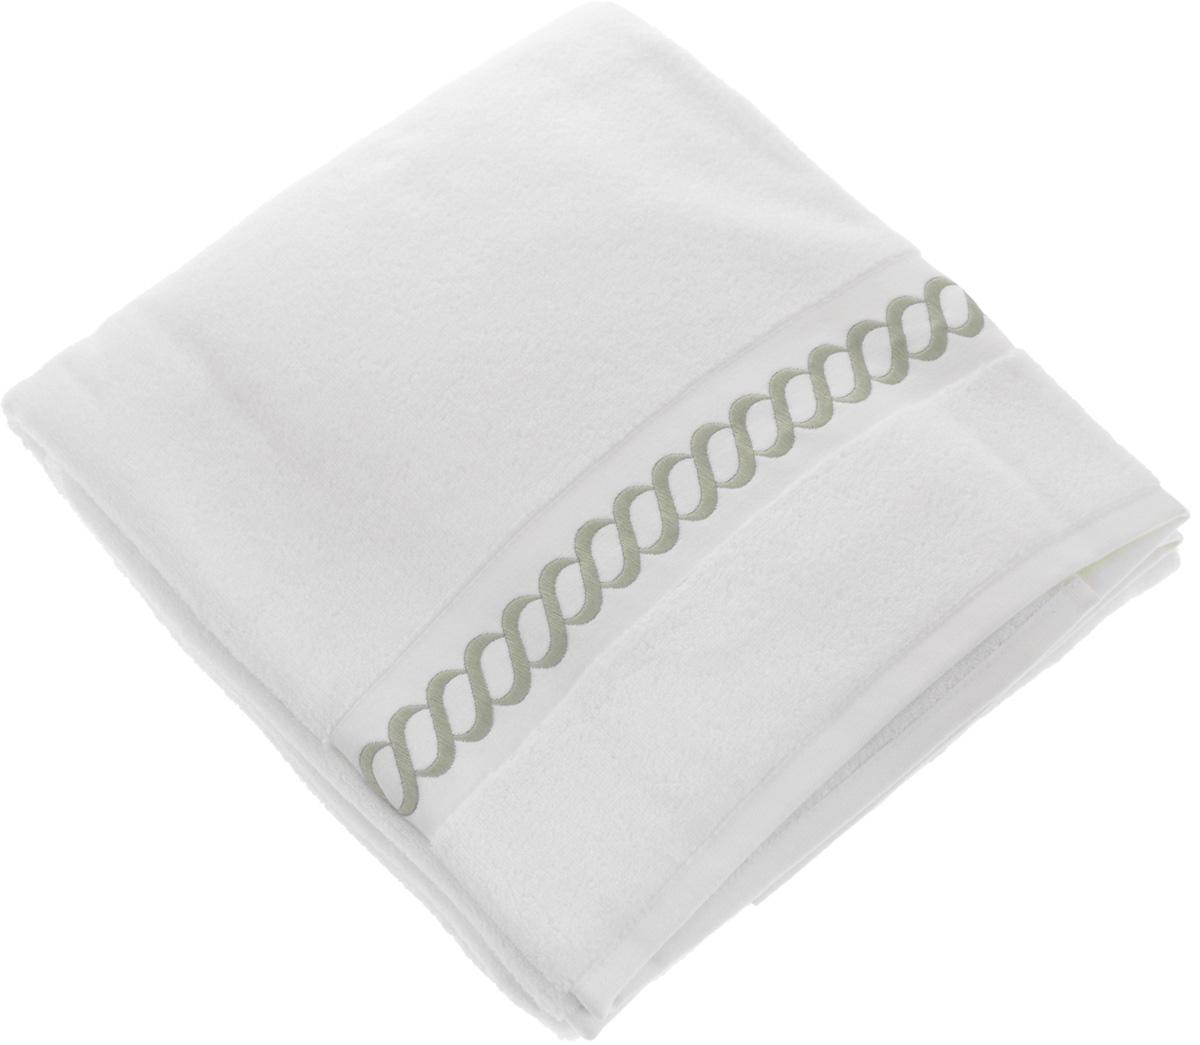 Полотенце махровое Issimo Home Pauline, цвет: белый, бежевый, 90 x 150 см4748Полотенце Issimo Home Pauline выполнено из натуральной махровой ткани (100% хлопок). Изделие отлично впитывает влагу, быстро сохнет и не теряет форму даже после многократных стирок. Рекомендации по уходу: - режим стирки при 40°C, - допускается обычная химчистка, - отбеливание запрещено, - глажка при температуре подошвы утюга до 110°С, - барабанный отжим запрещен. Размер полотенца: 90 x 150 см.